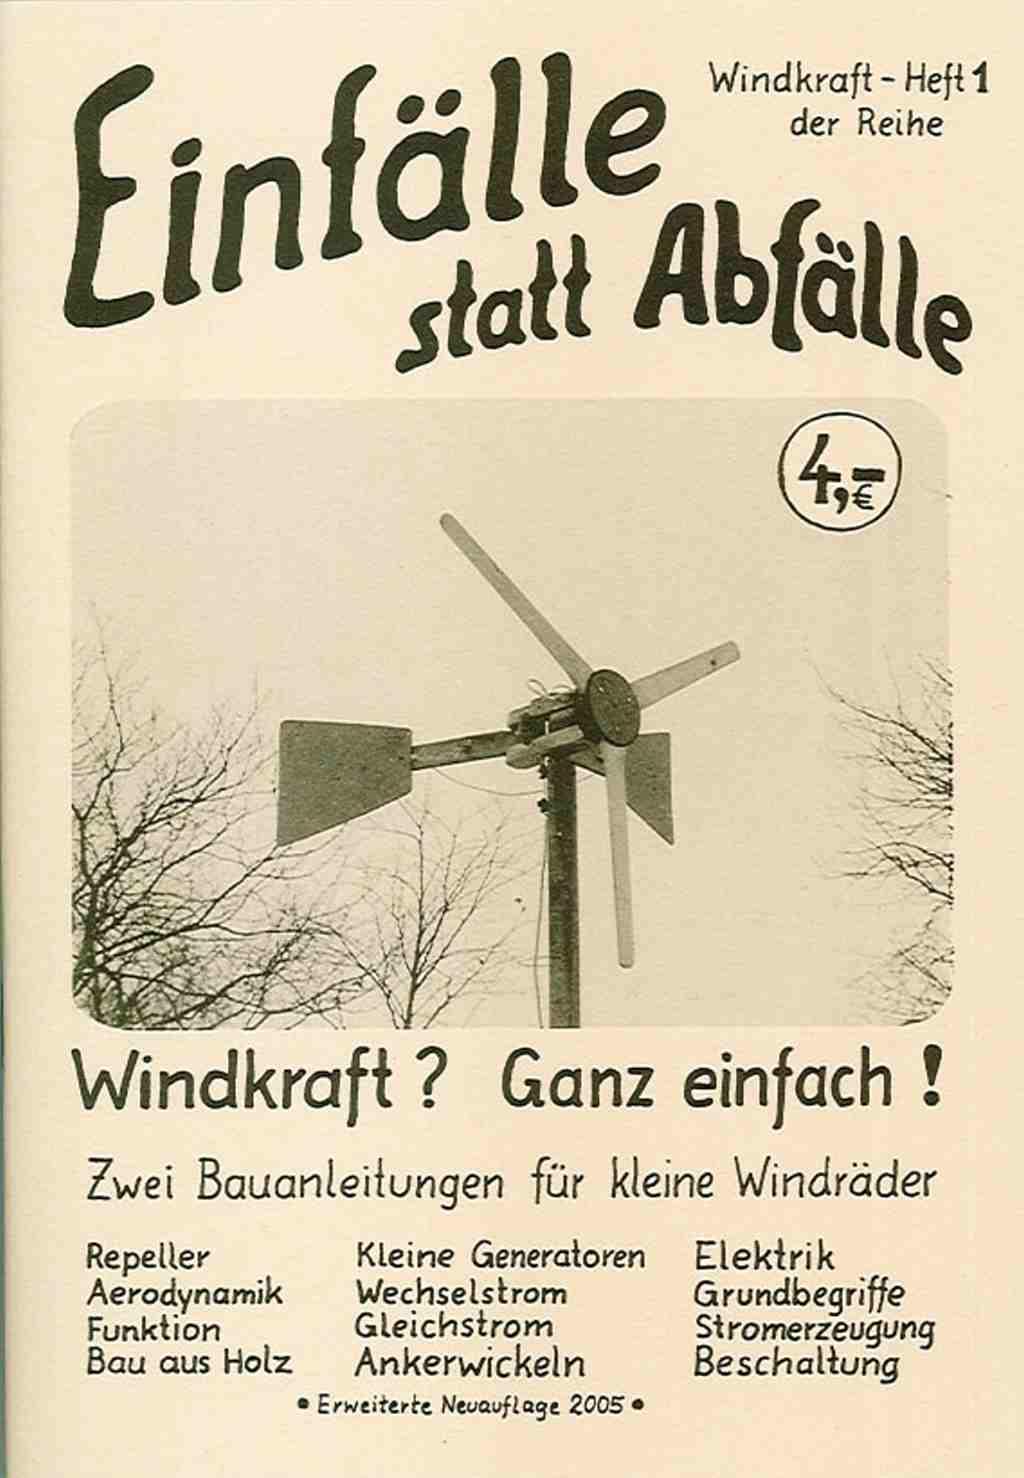 Wind einfach